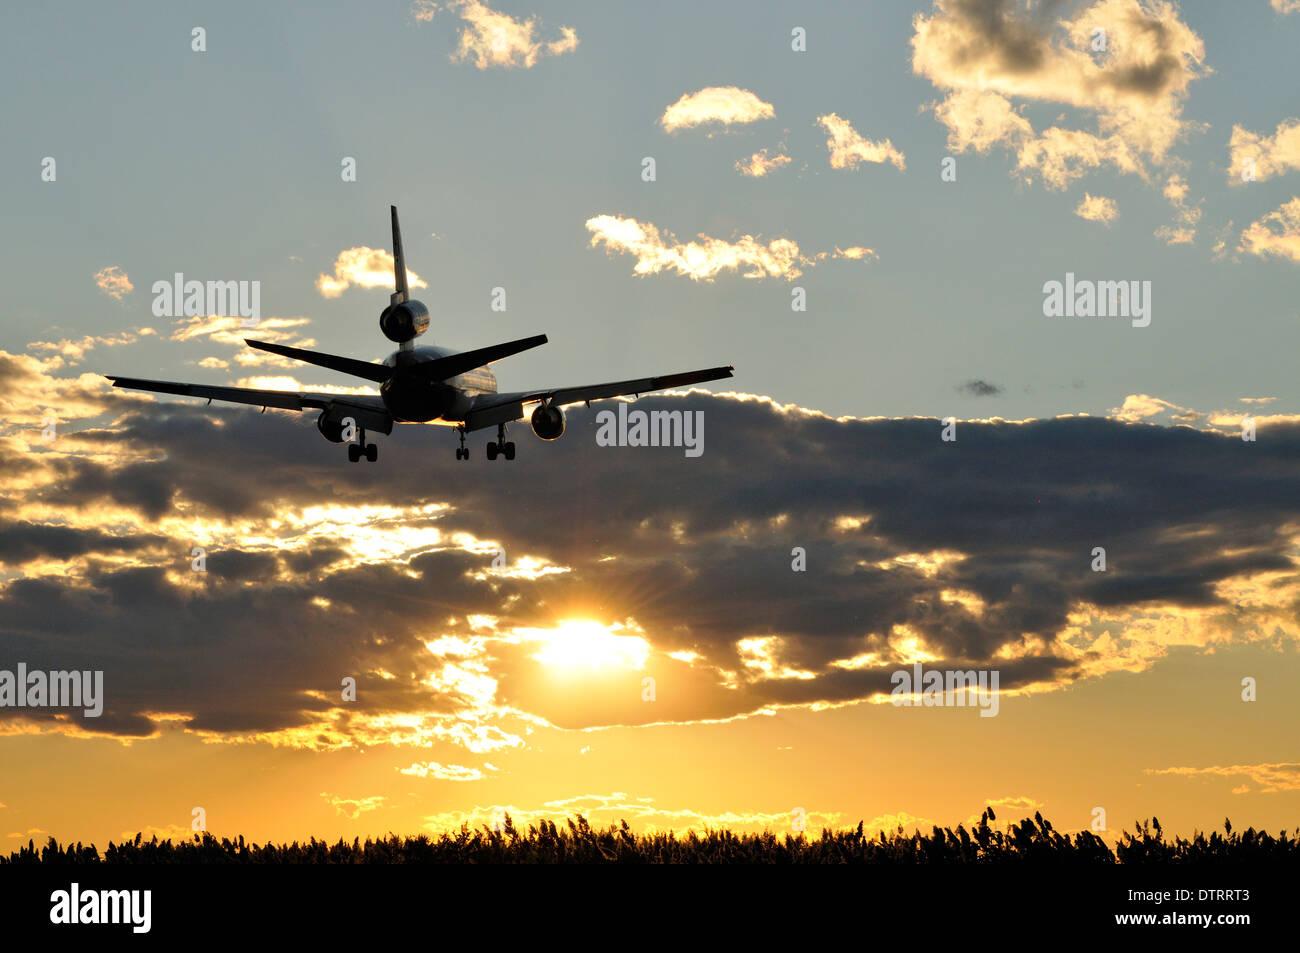 Les voyages aériens à l'Aéroport International de Philadelphie à Philadelphie, Pennsylvanie. Photo Stock